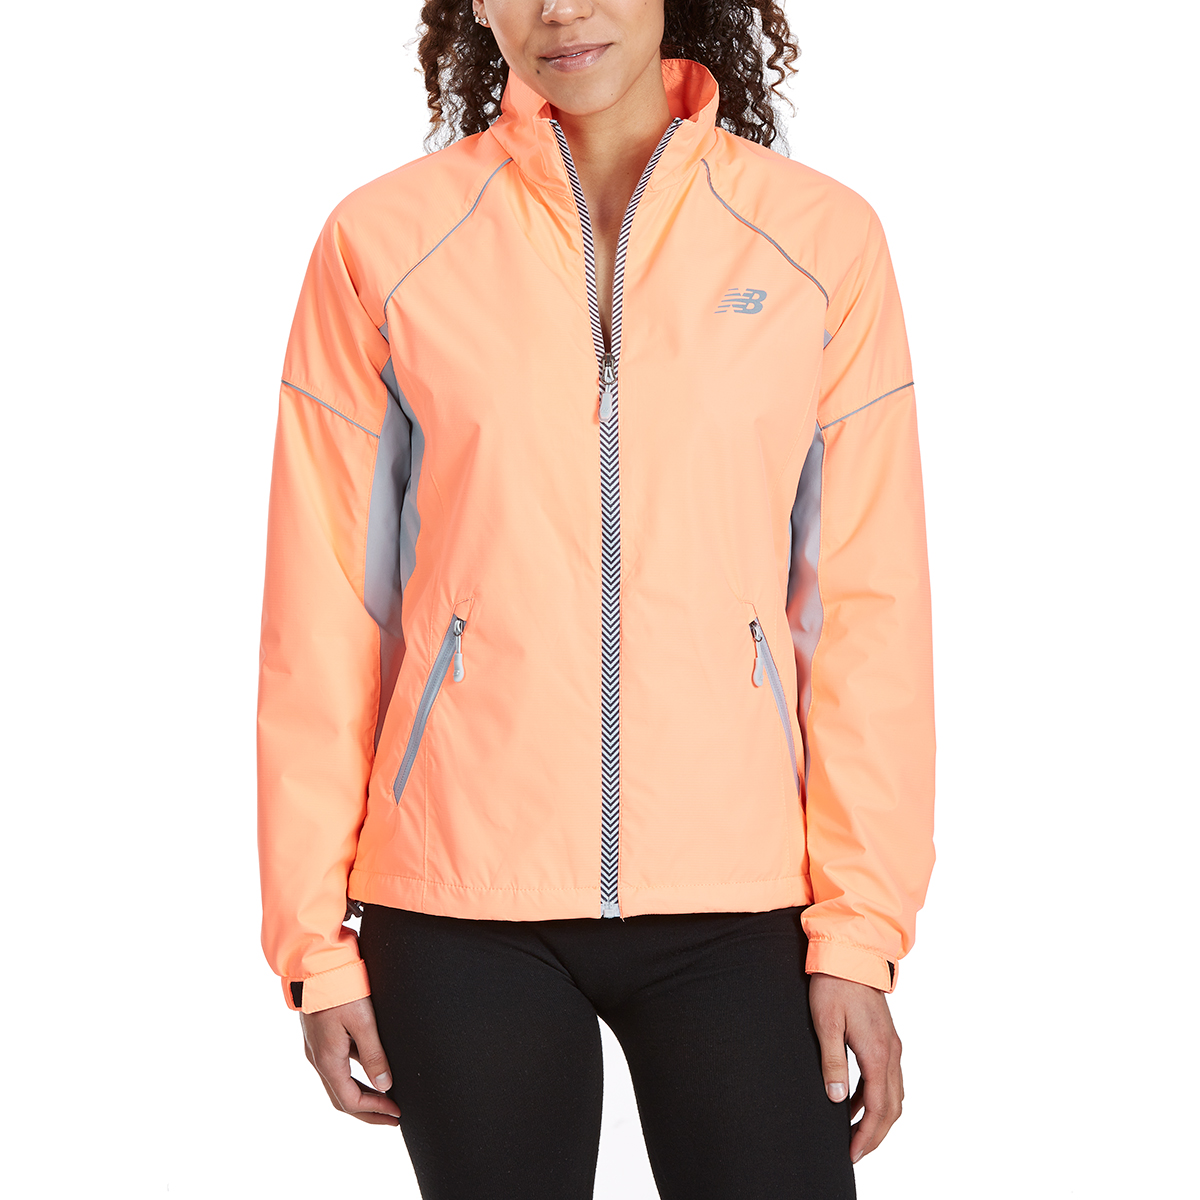 New Balance Women's Poly Dobby Mock Neck Jacket - Orange, M